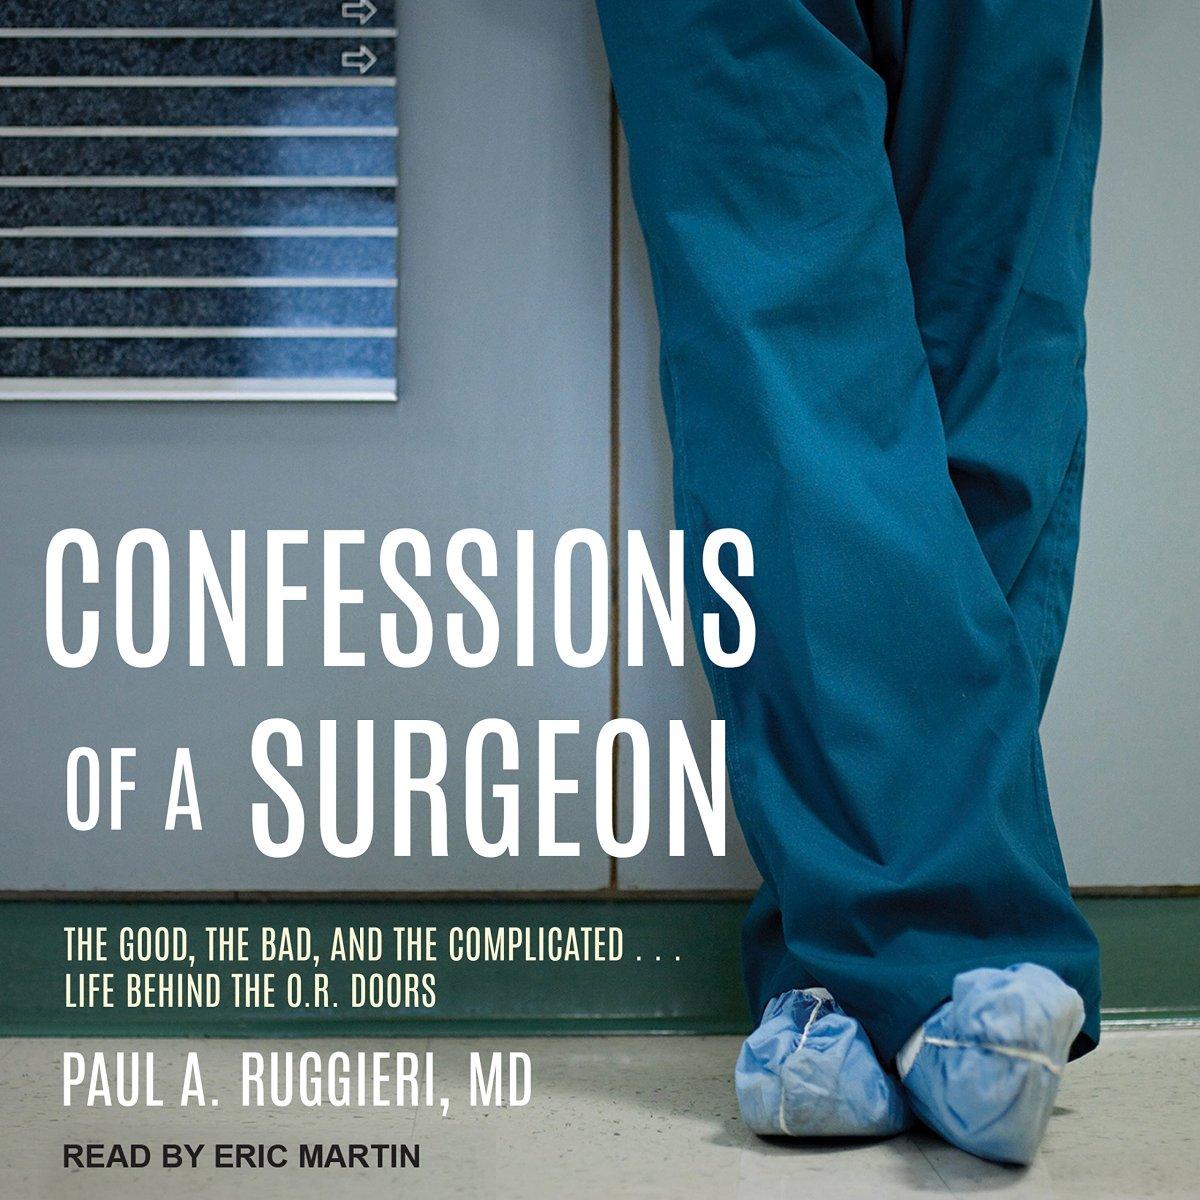 أفضل ١٠ كتب طبية تحكي حياة ويوميات الأطباء والجراحيين